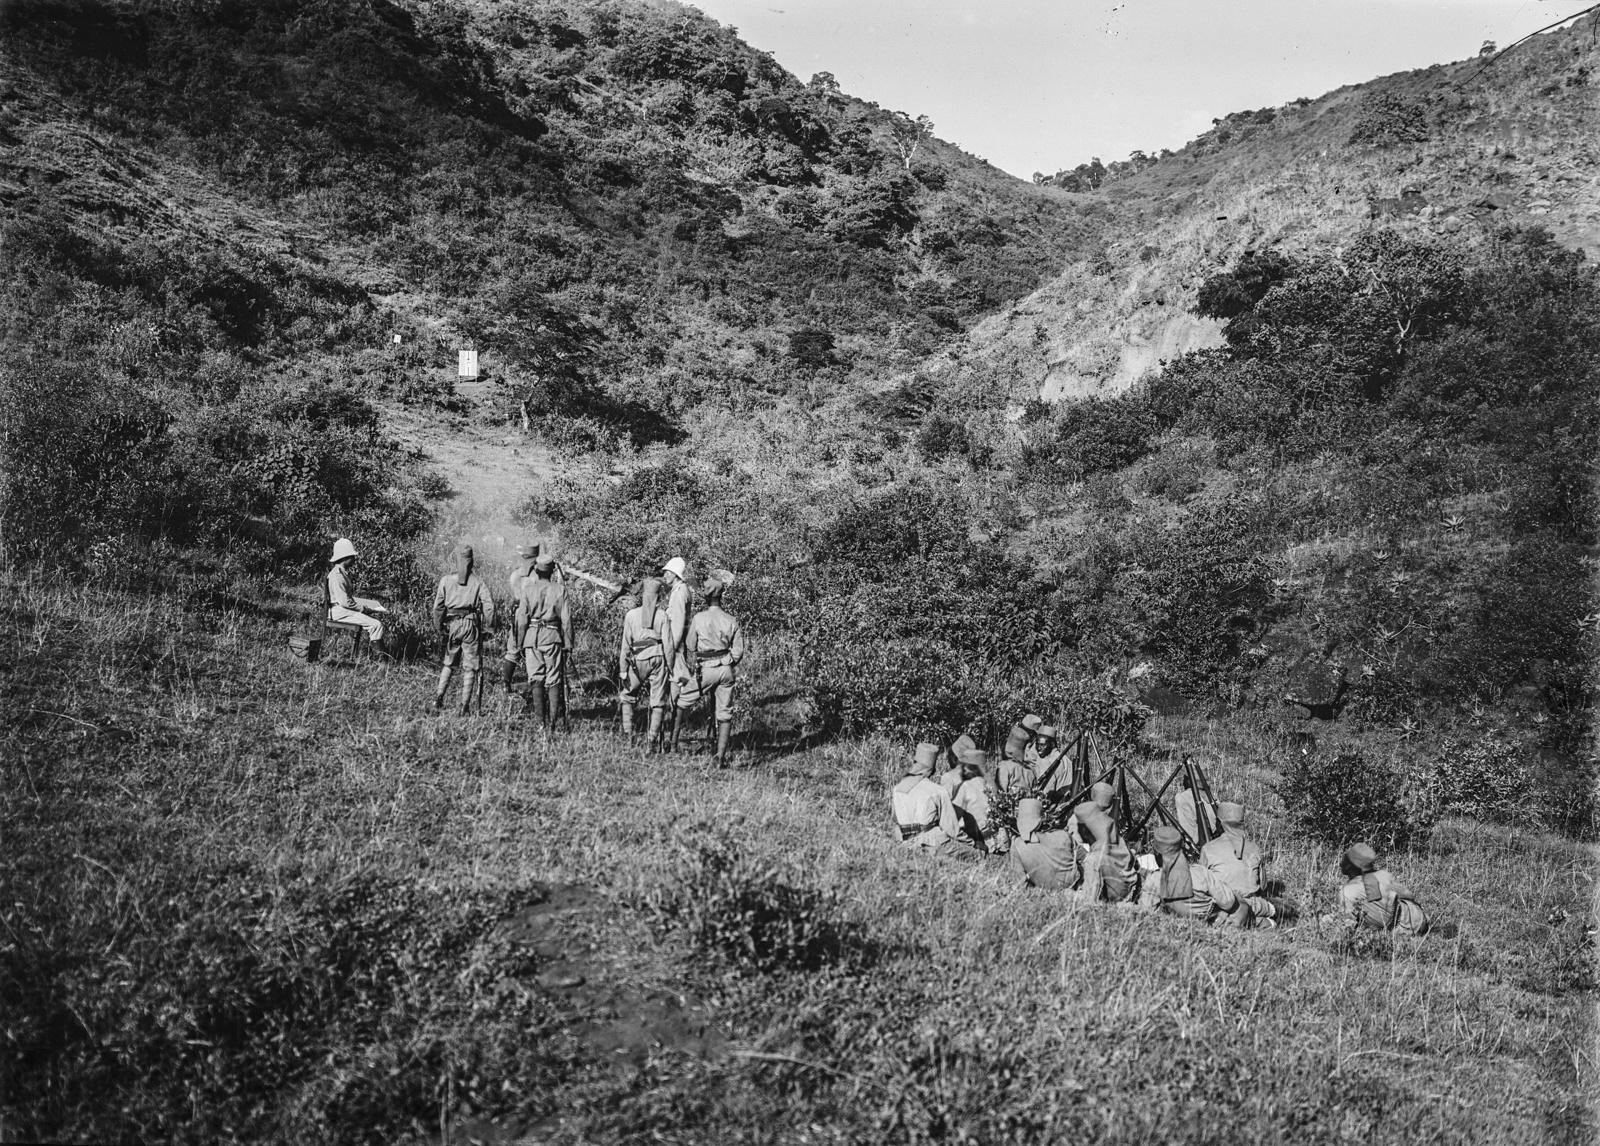 82. Учебные стрельбы. Солдаты немецких колониальных войск , оснащенные огнестрельным оружием Mauser Model 71